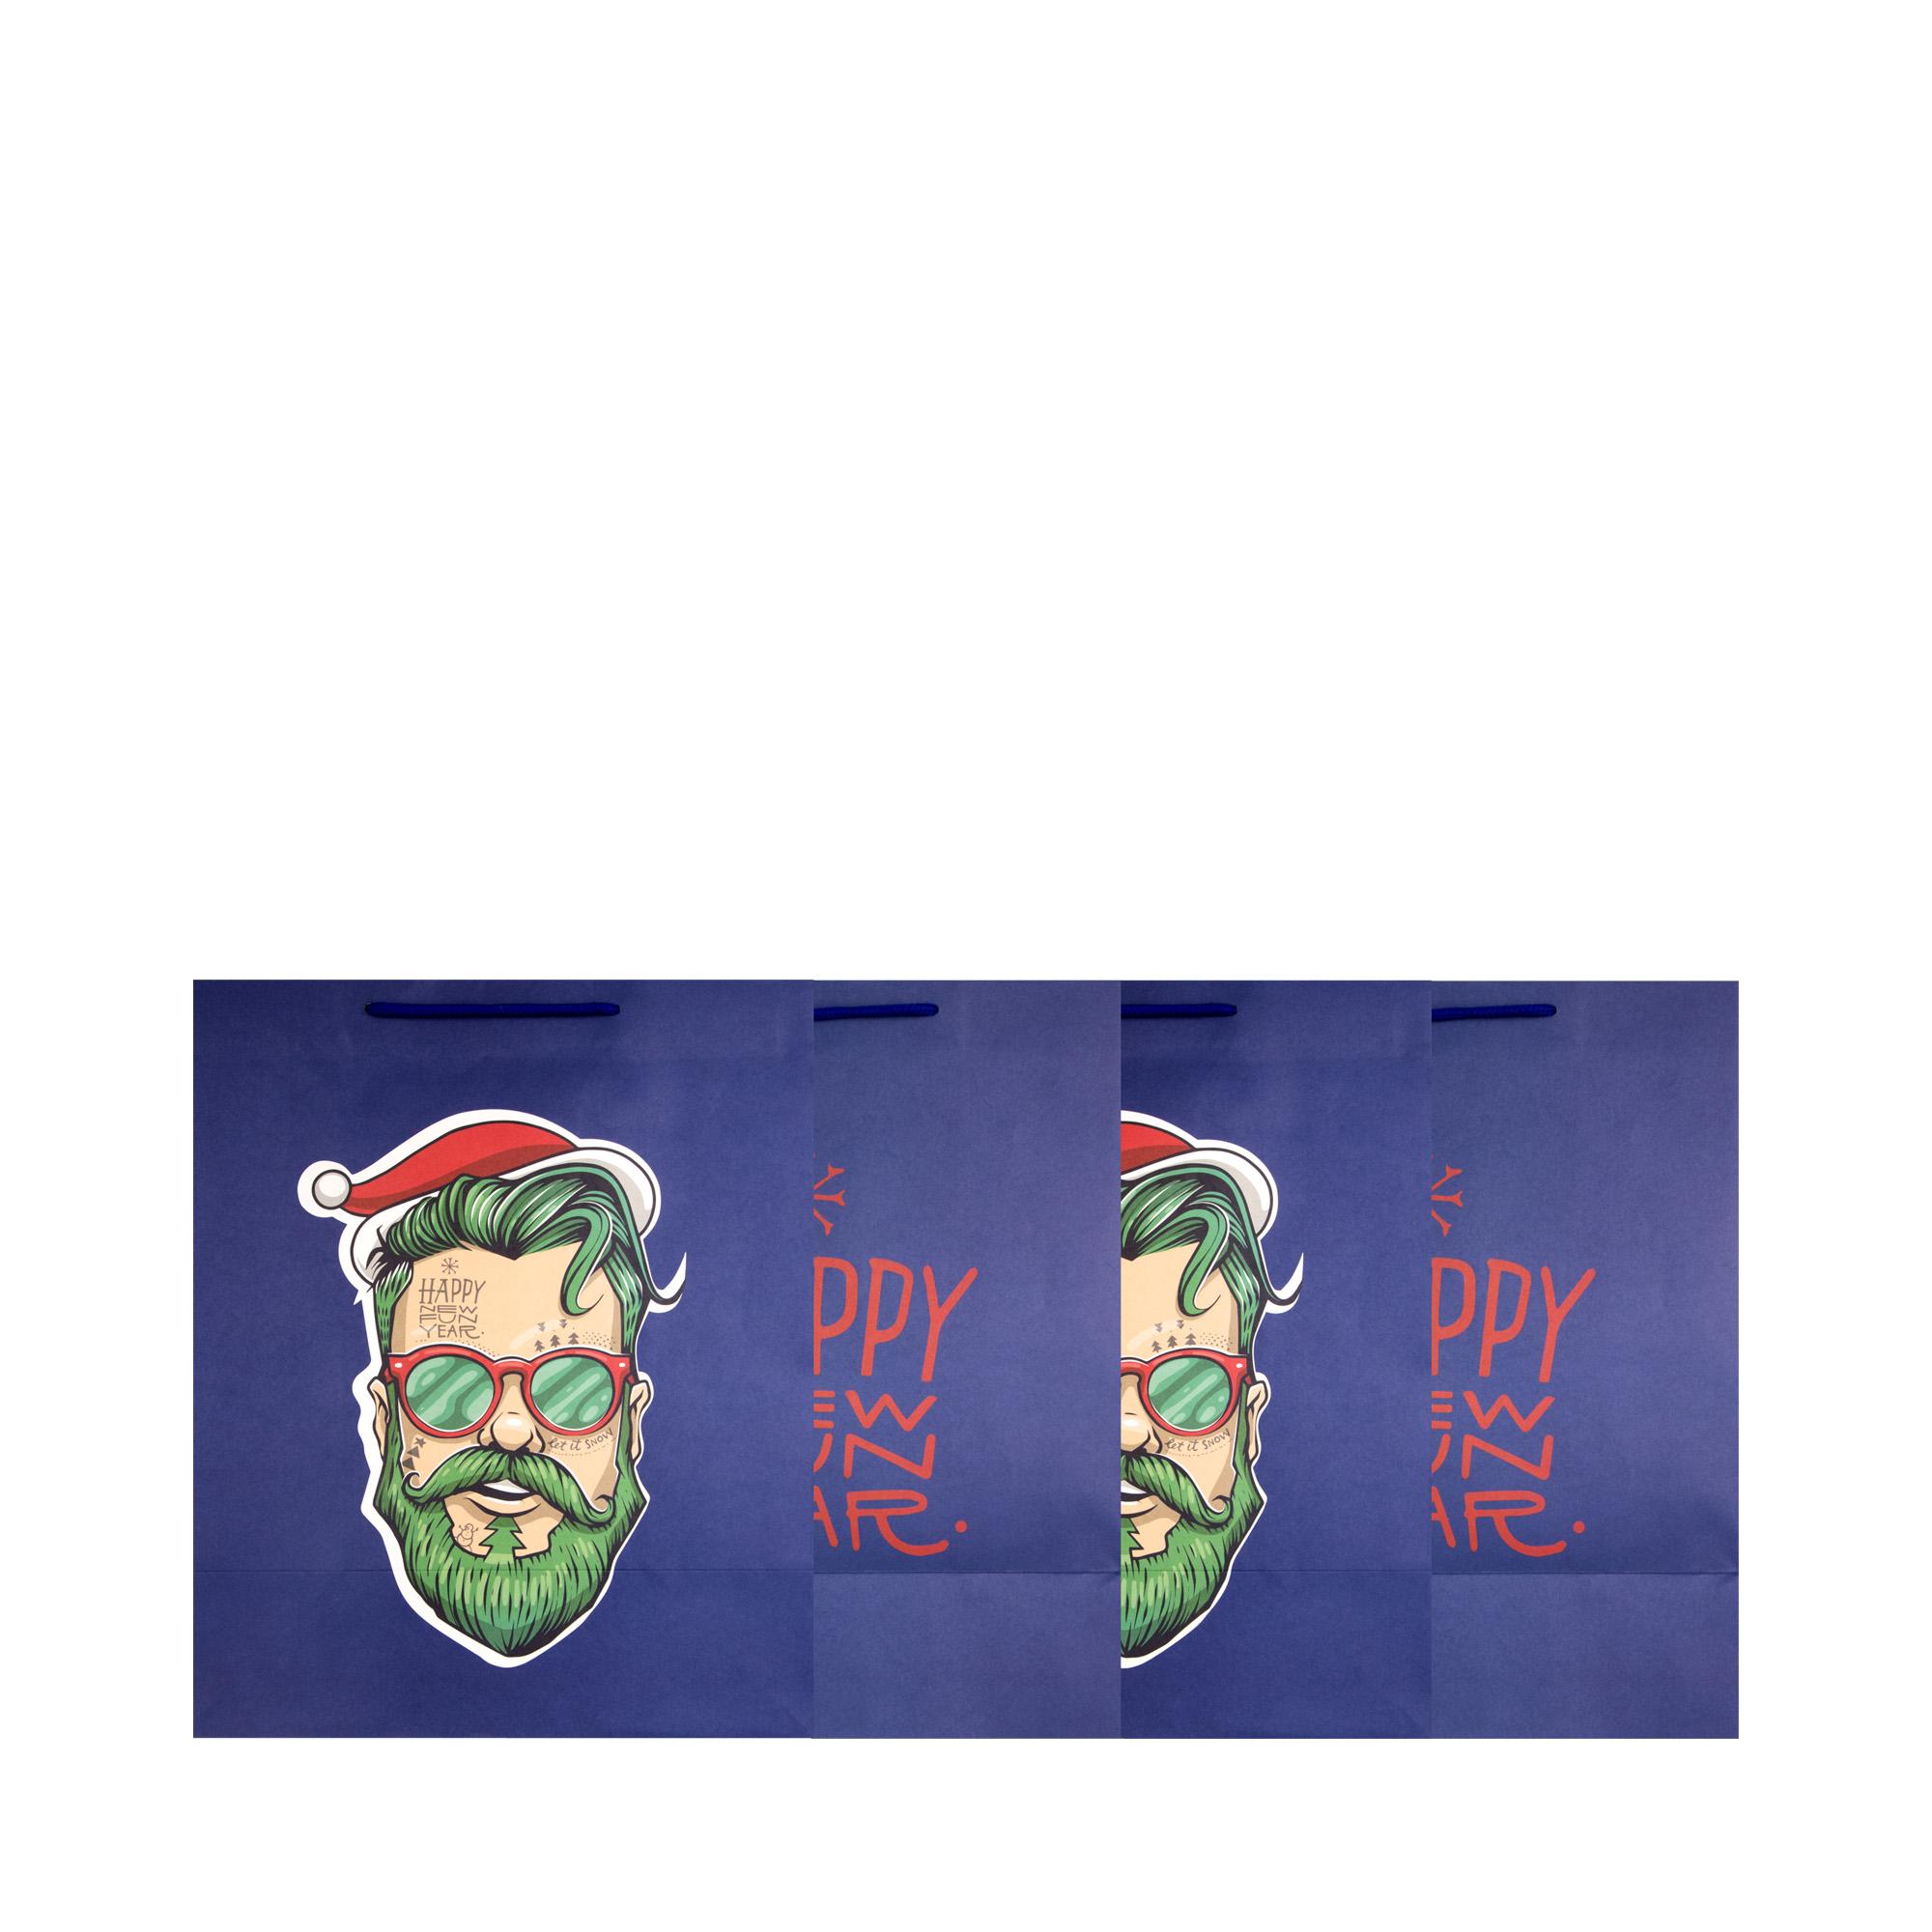 Фото - Набор подарочных пакетов, 4 шт другие дома инсталляционных пакетов